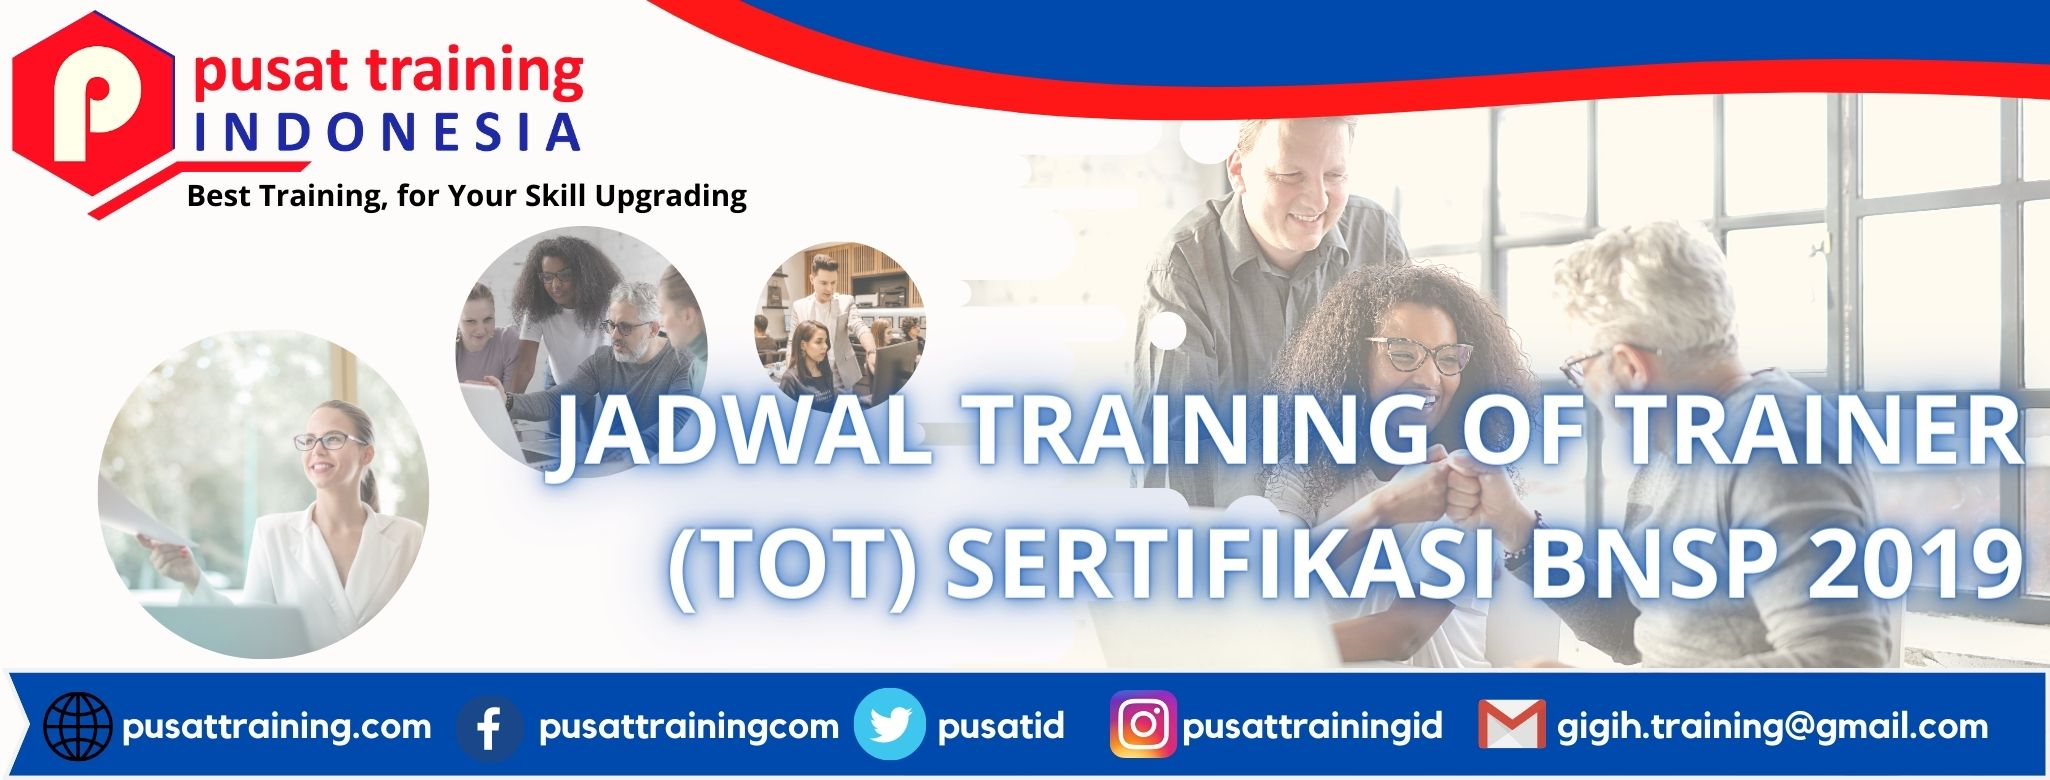 jadwal-training-of-trainer-tot-sertifikasi-bnsp-2021